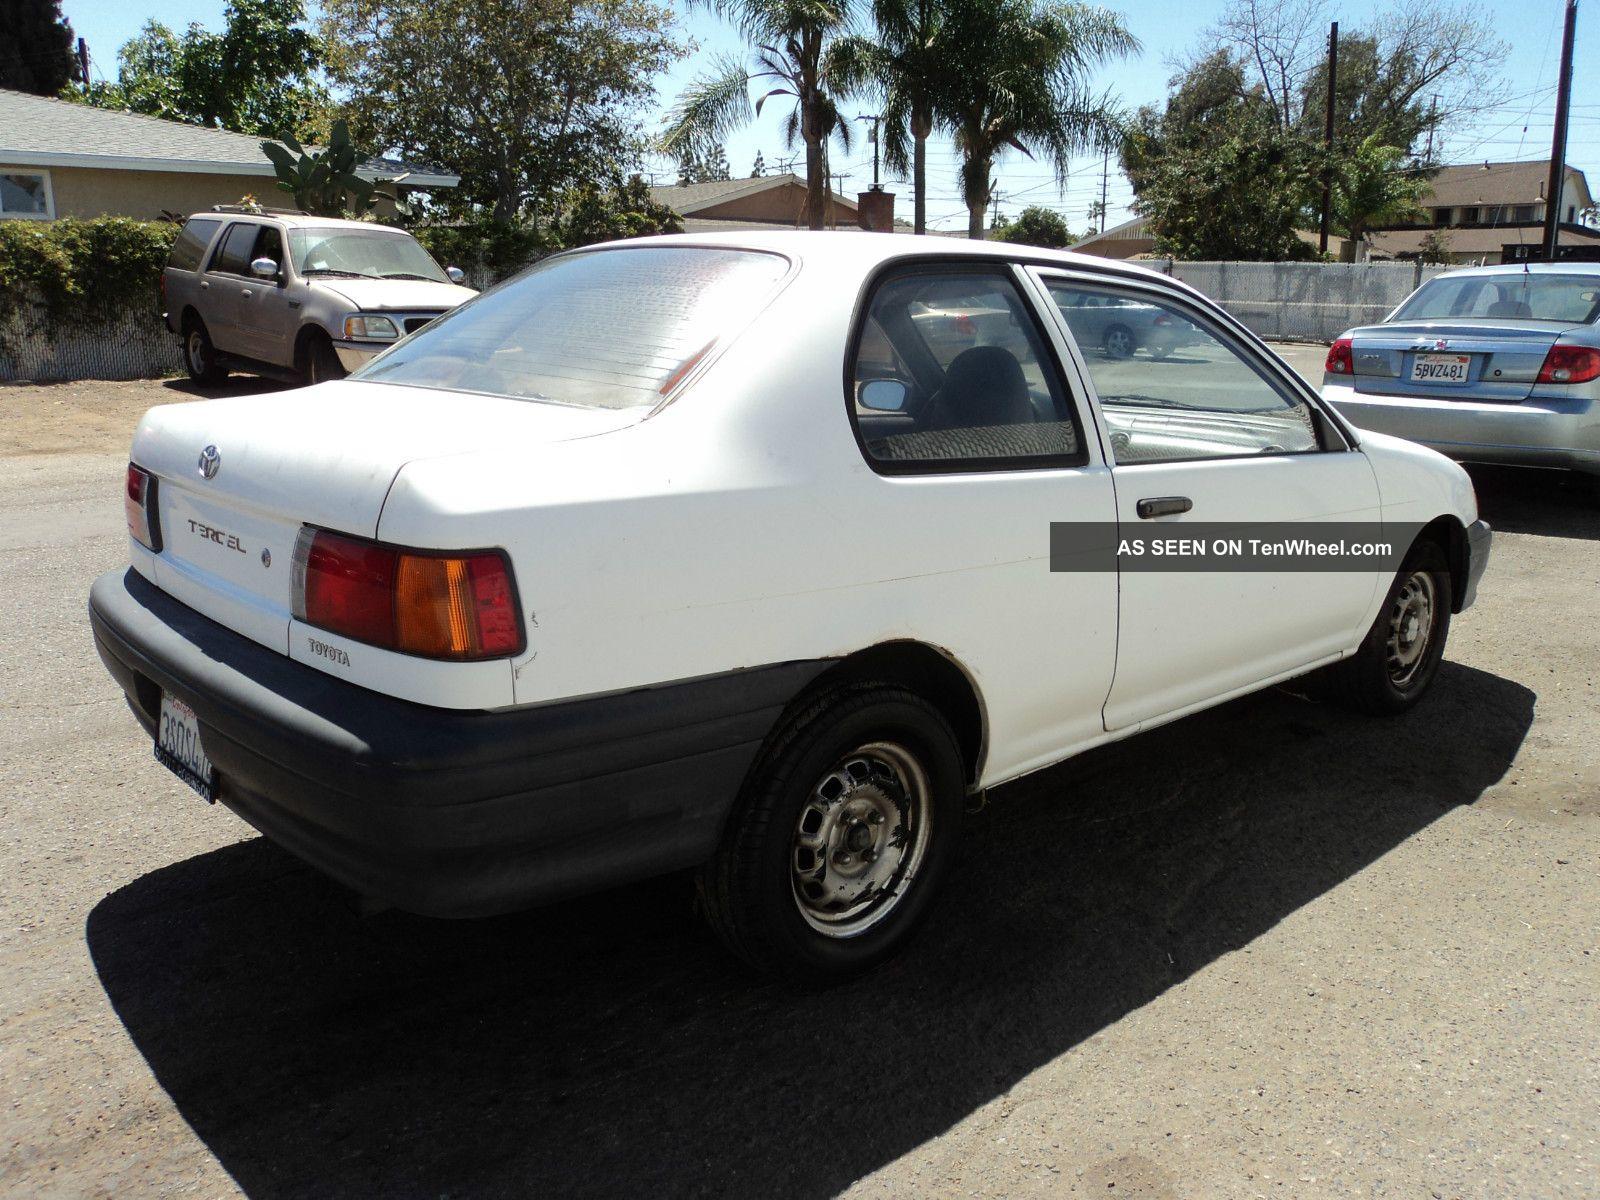 1993 toyota tercel std sedan 2 door 1 5l tenwheel